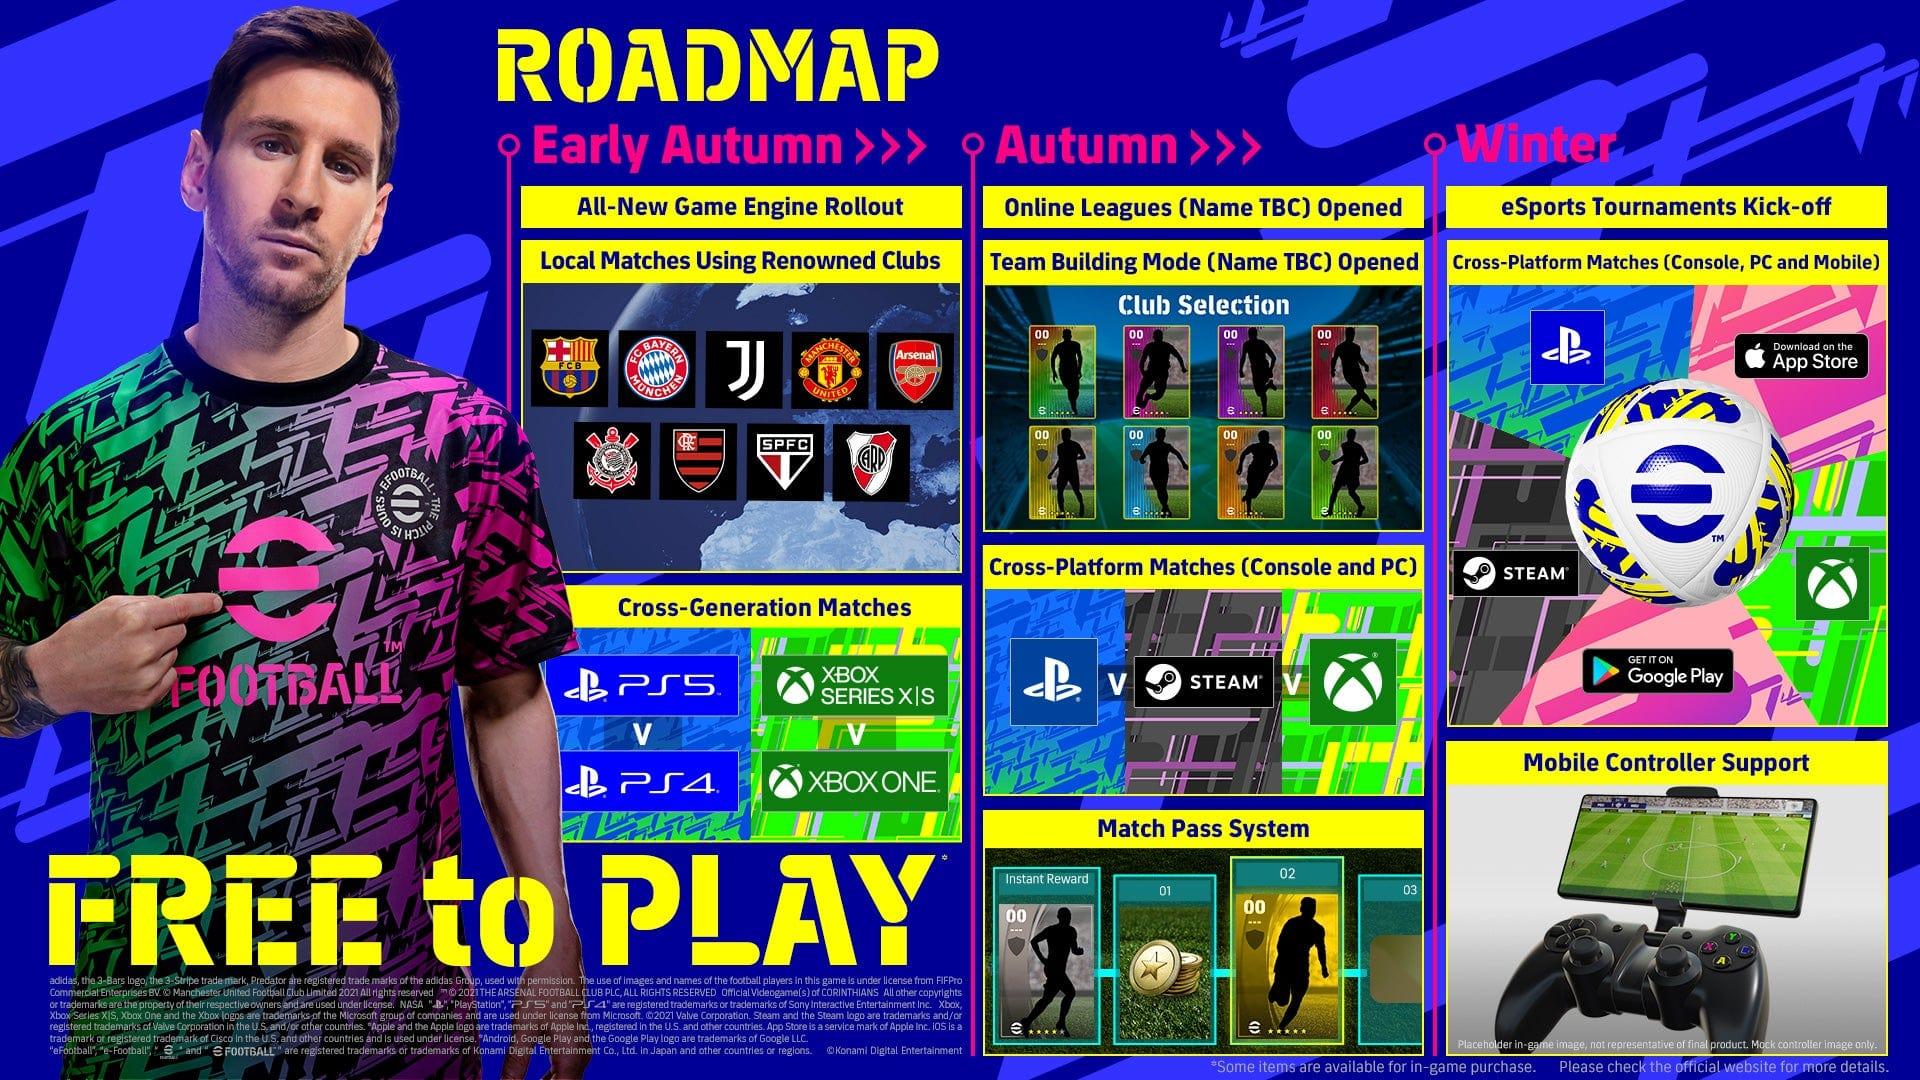 تماشا کنید: رونمایی کامل از بازی PES 22 به علاوهی جزئیات تکمیلی